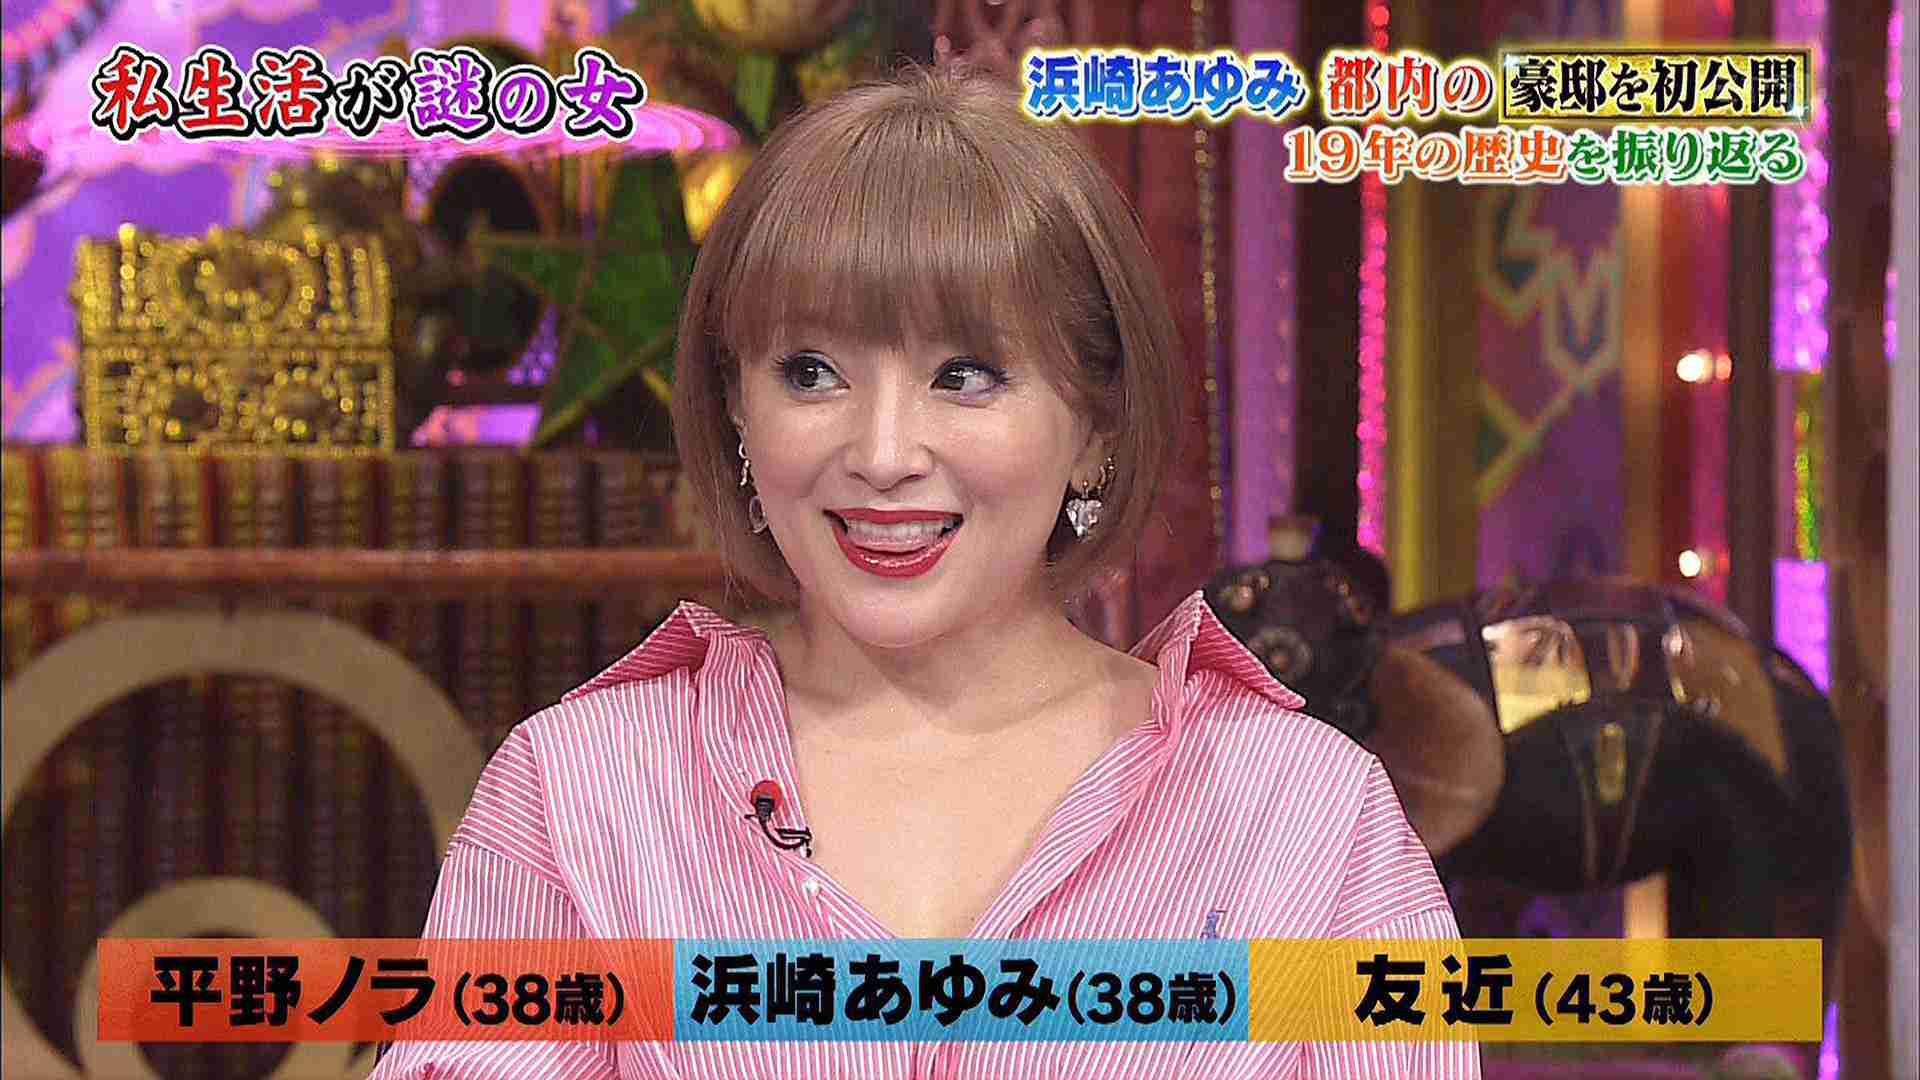 浜崎あゆみに「バラエティ番組より女優復帰」待望論!